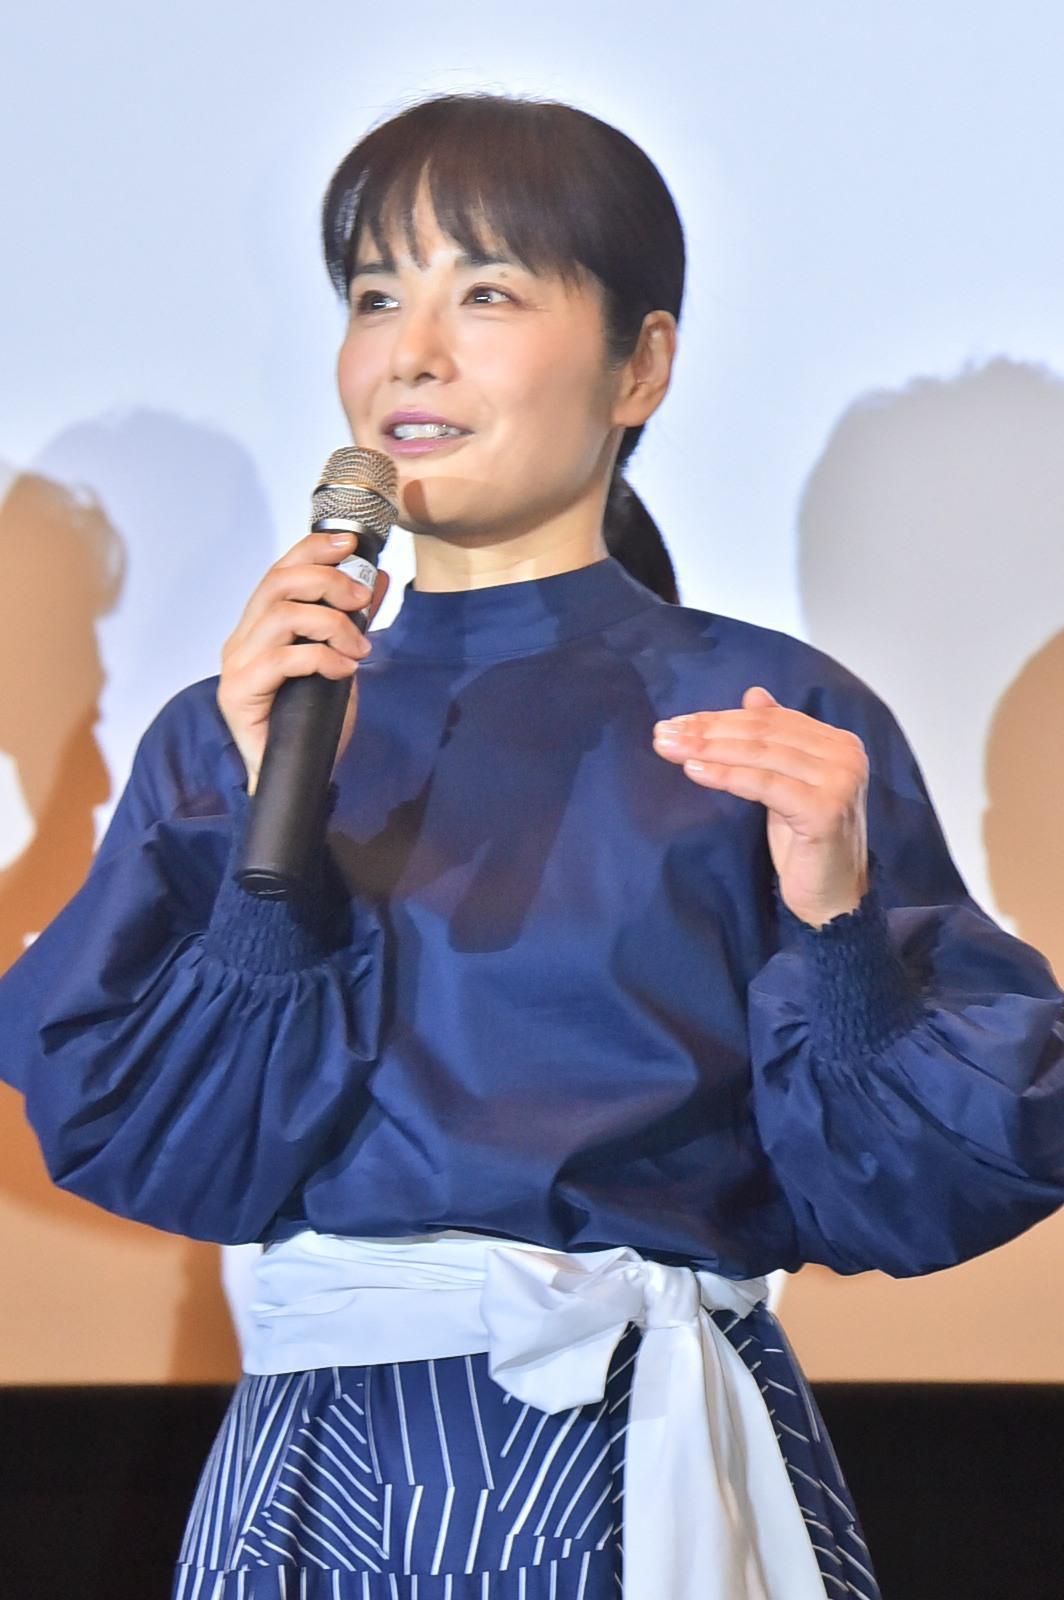 http://news.yoshimoto.co.jp/20190115124844-d18914e8784dcf00babba8f80c4eef57535cae4a.jpg